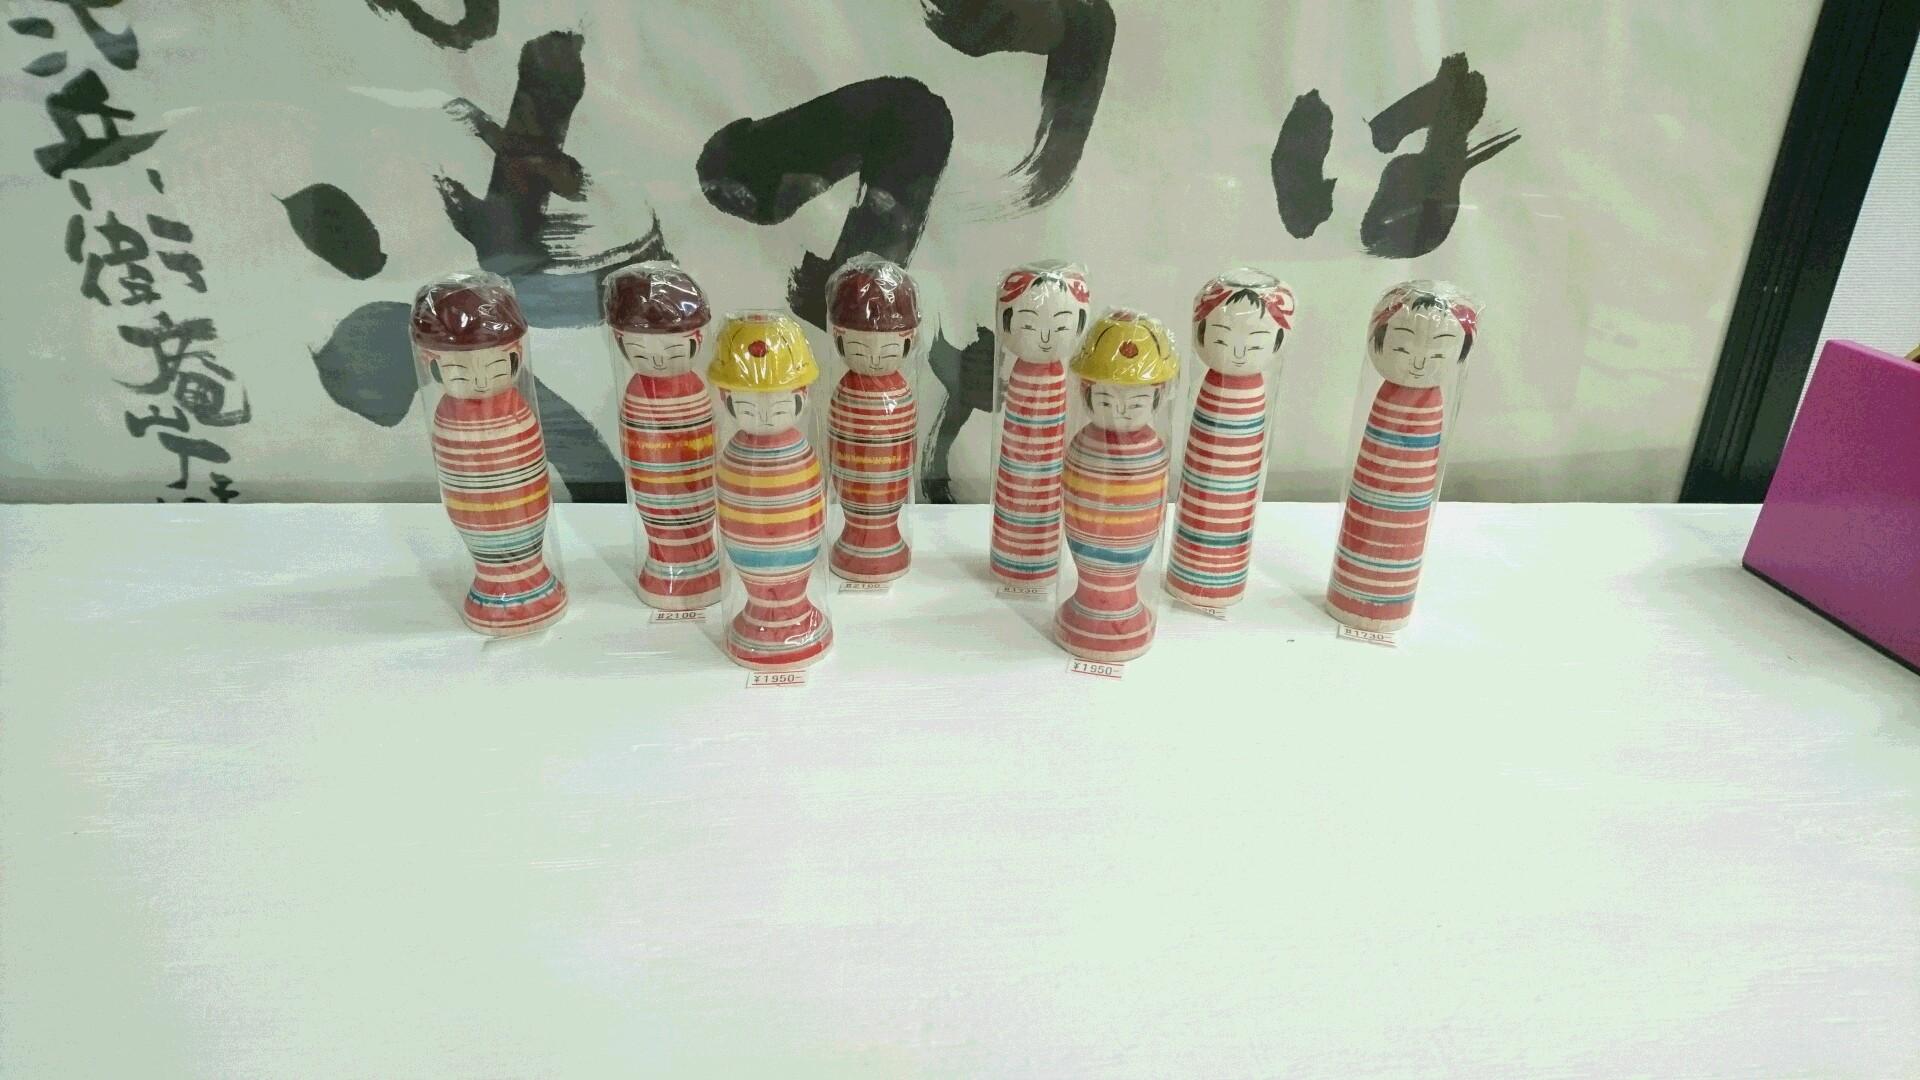 東京高円寺 MY FIRST KOKESHI!はじめての伝統こけし~in 高円寺フェス2016 持込み商品のお知らせ!_e0318040_19553670.jpg